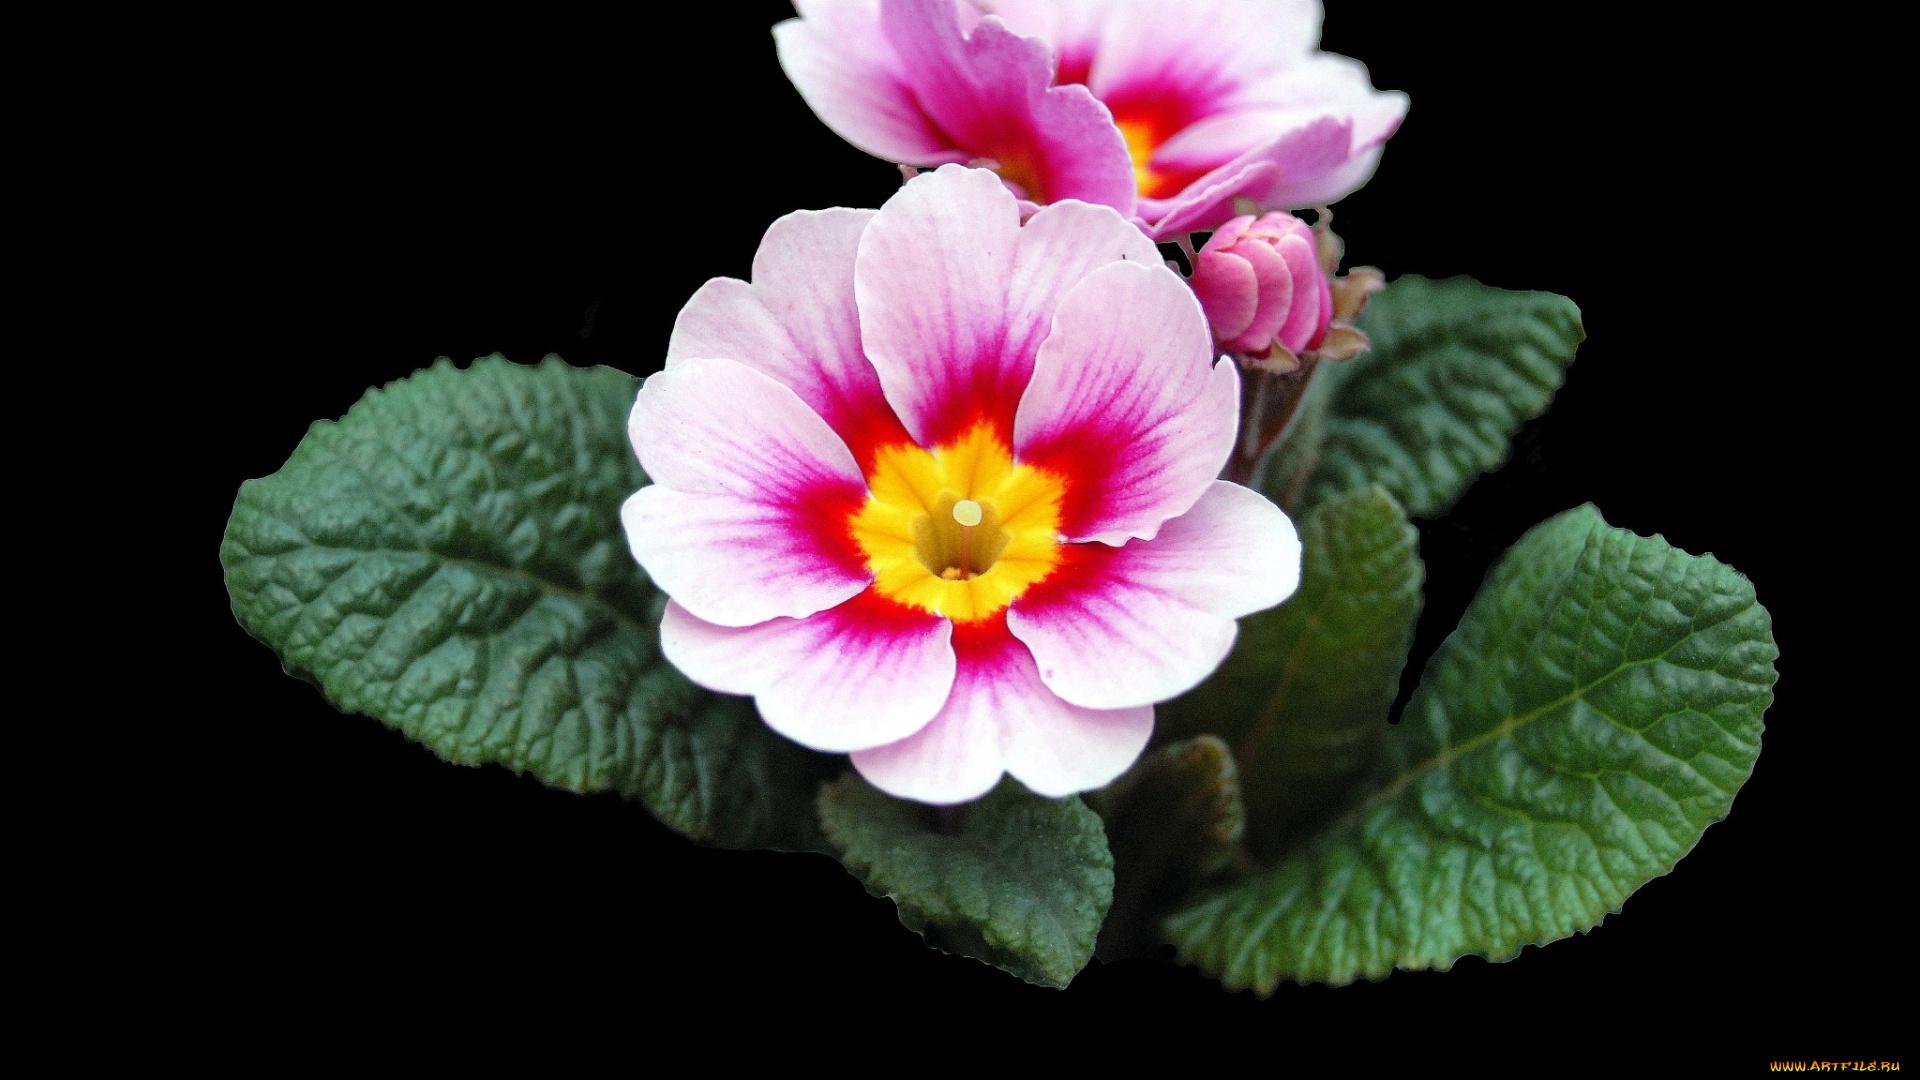 Цветы примула фото с названиями